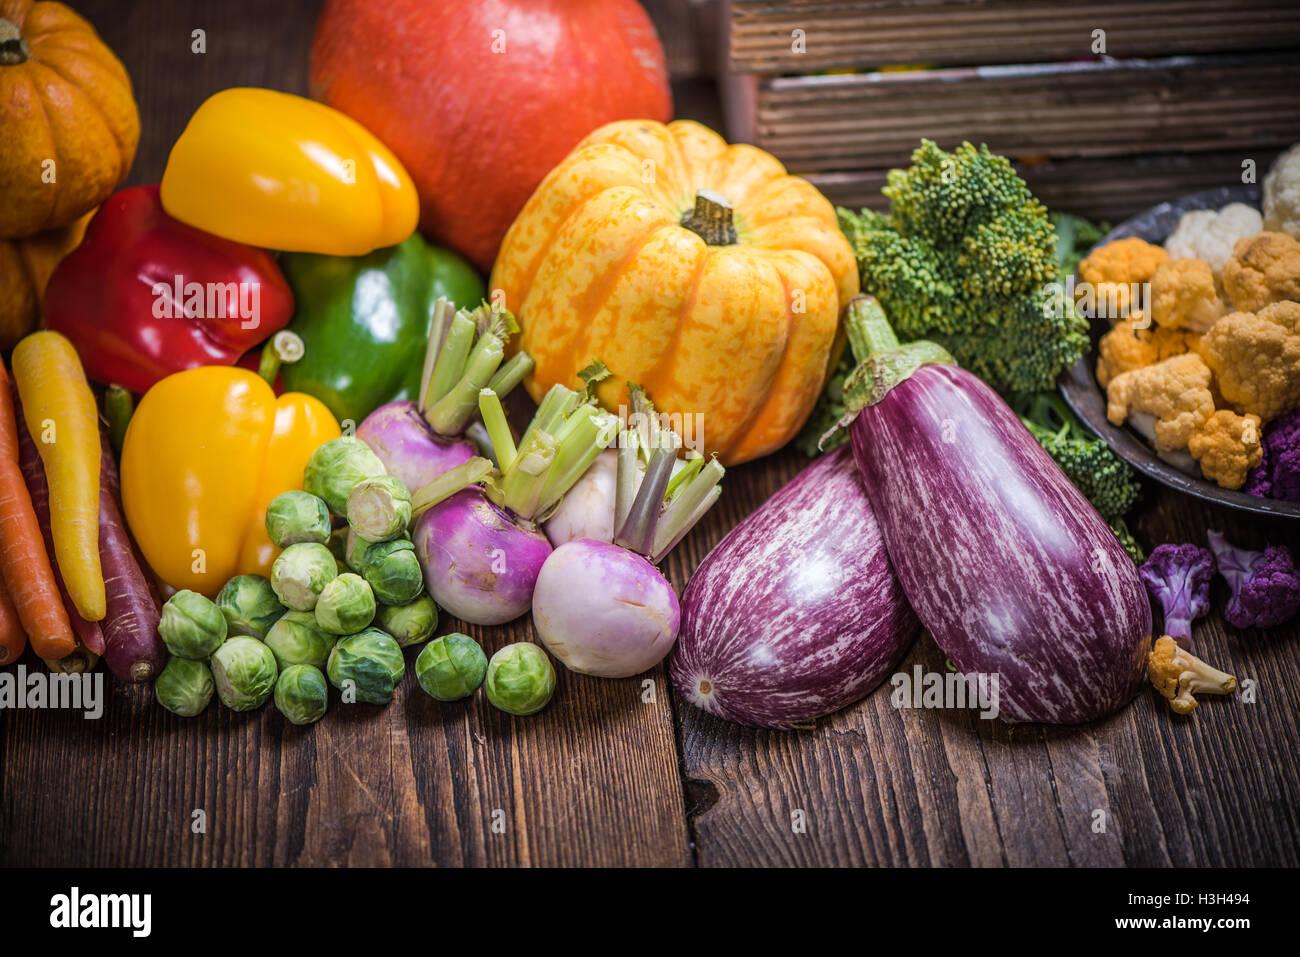 Herbst lokalen Farm produzieren Gemüse auf Tisch Stockbild